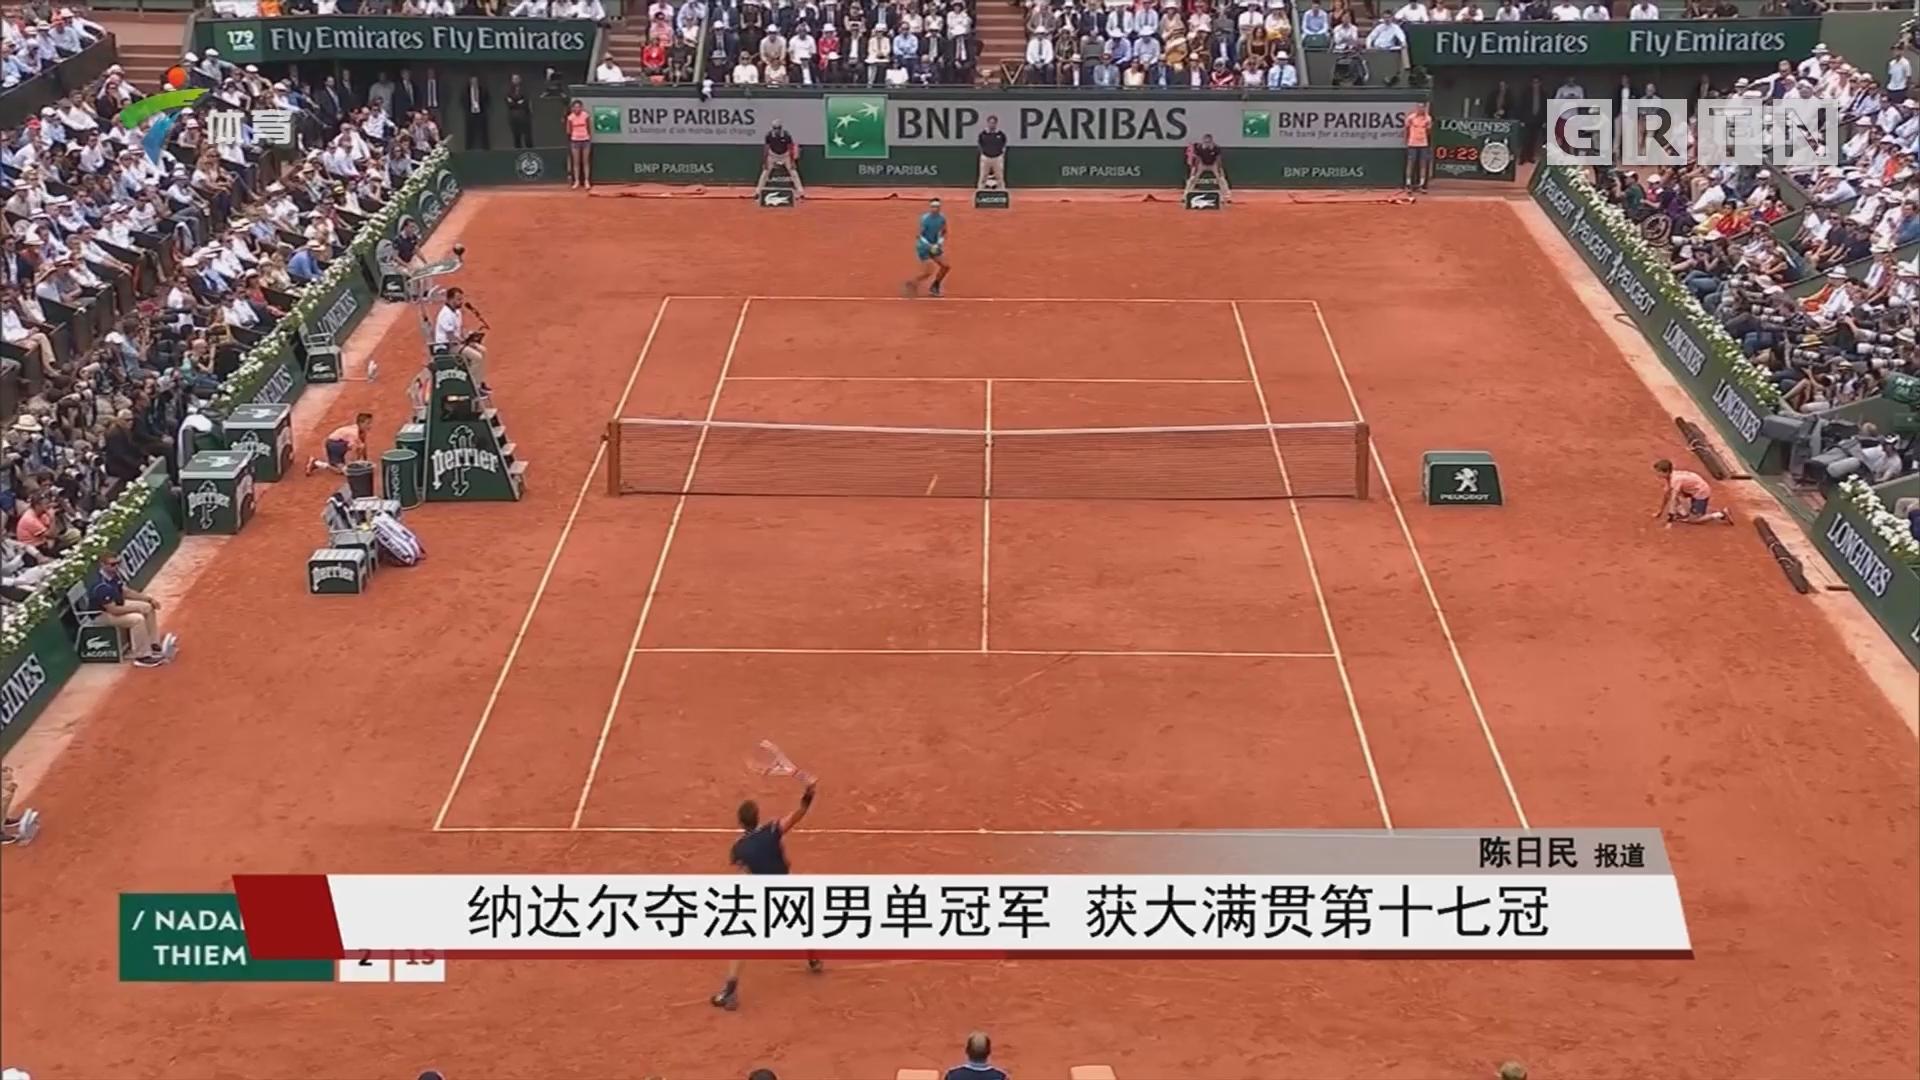 纳达尔夺法网男单冠军 获大满贯第十七冠